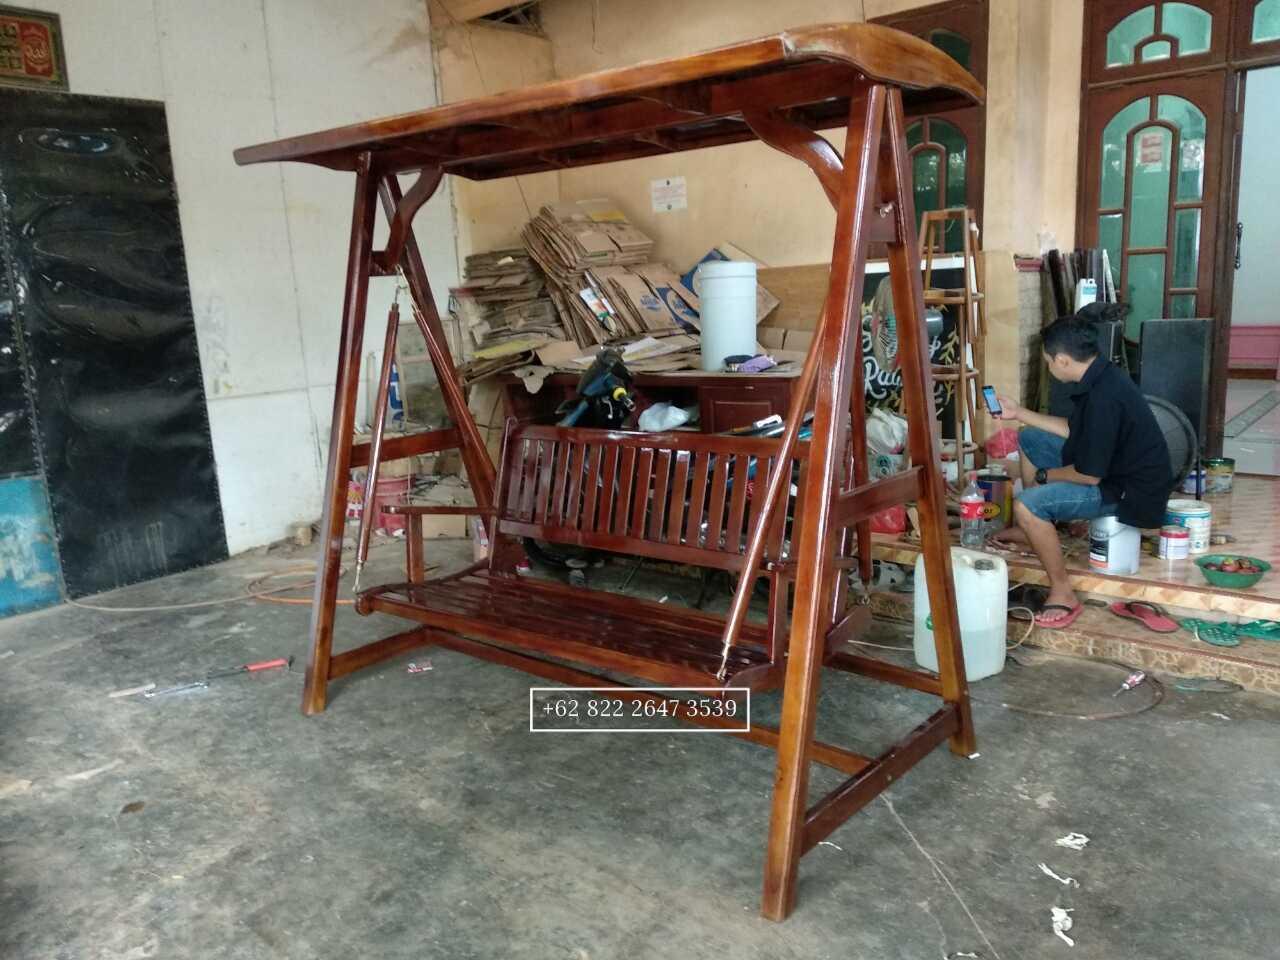 ayunan kayu jati, swing bench, teak swing bench, ayunan jati jepara